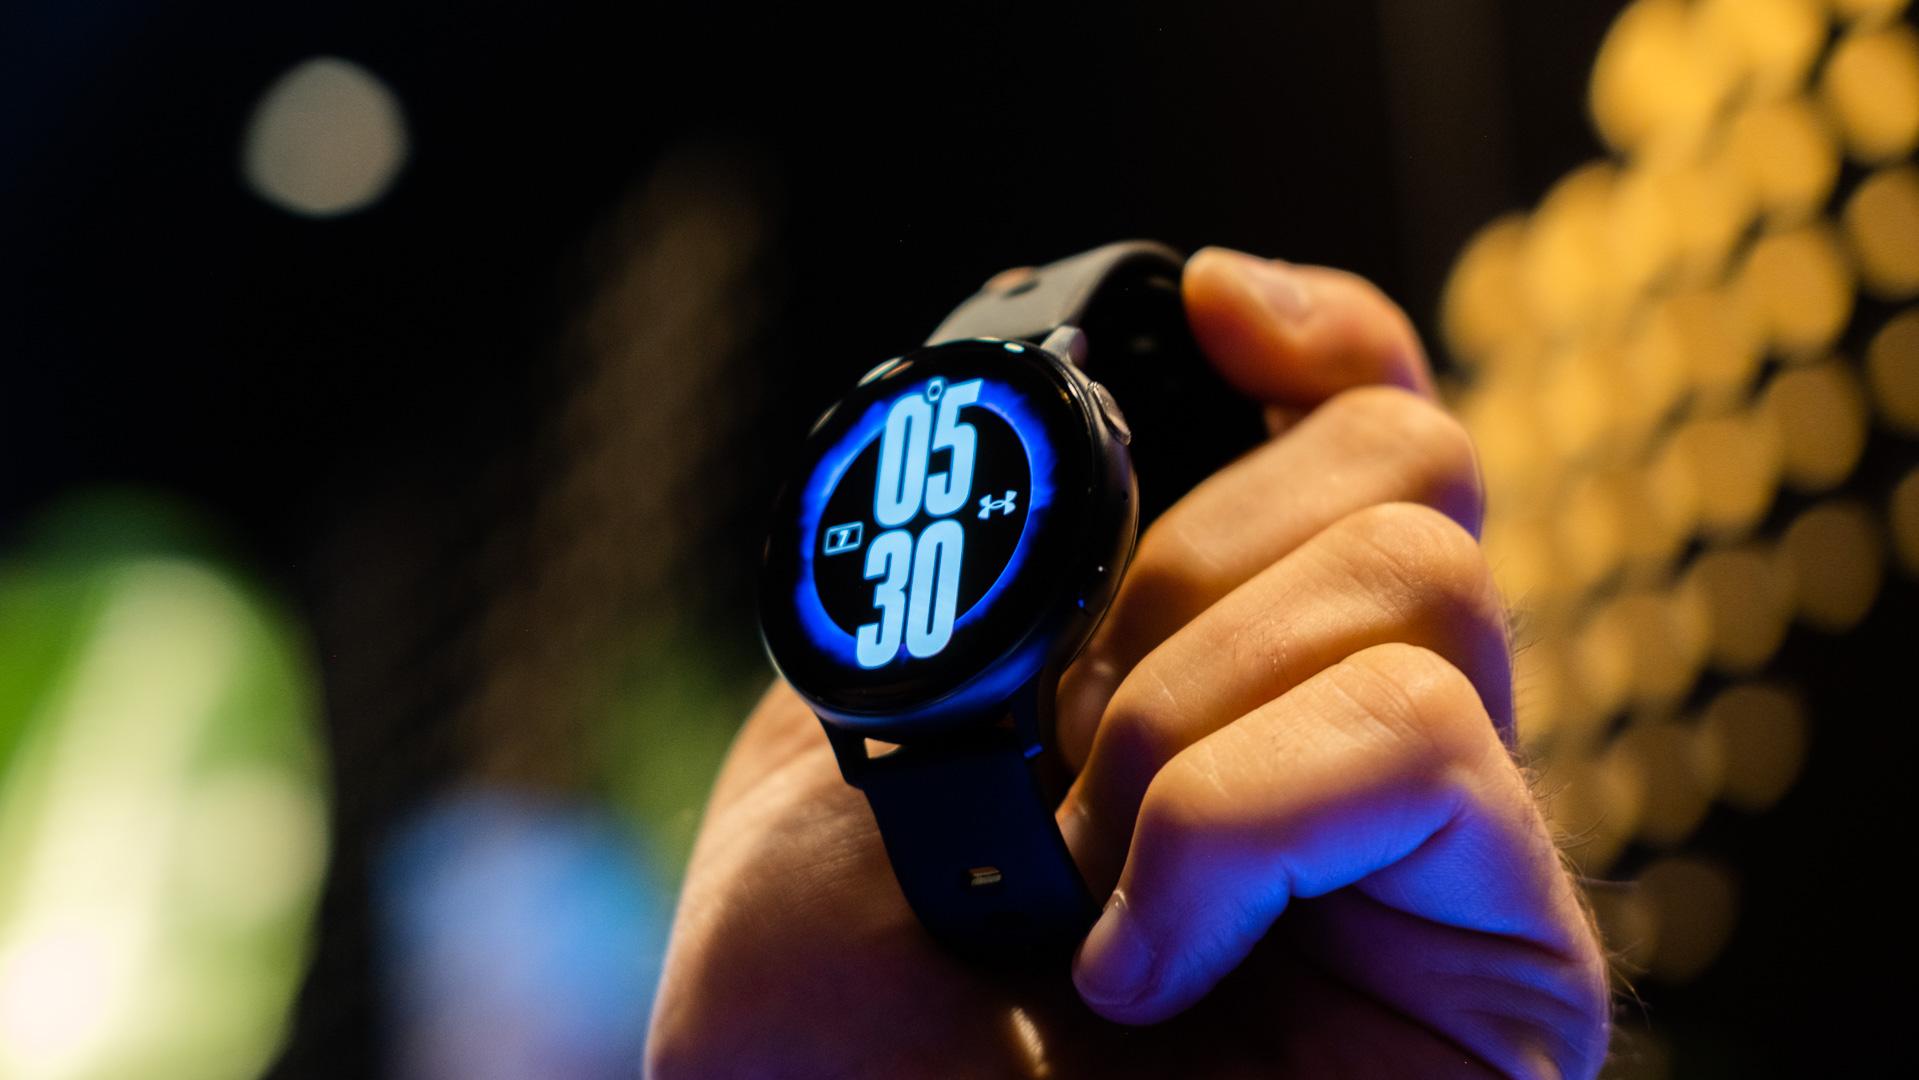 Samsung Galaxy Watch Active 2 in hand 2